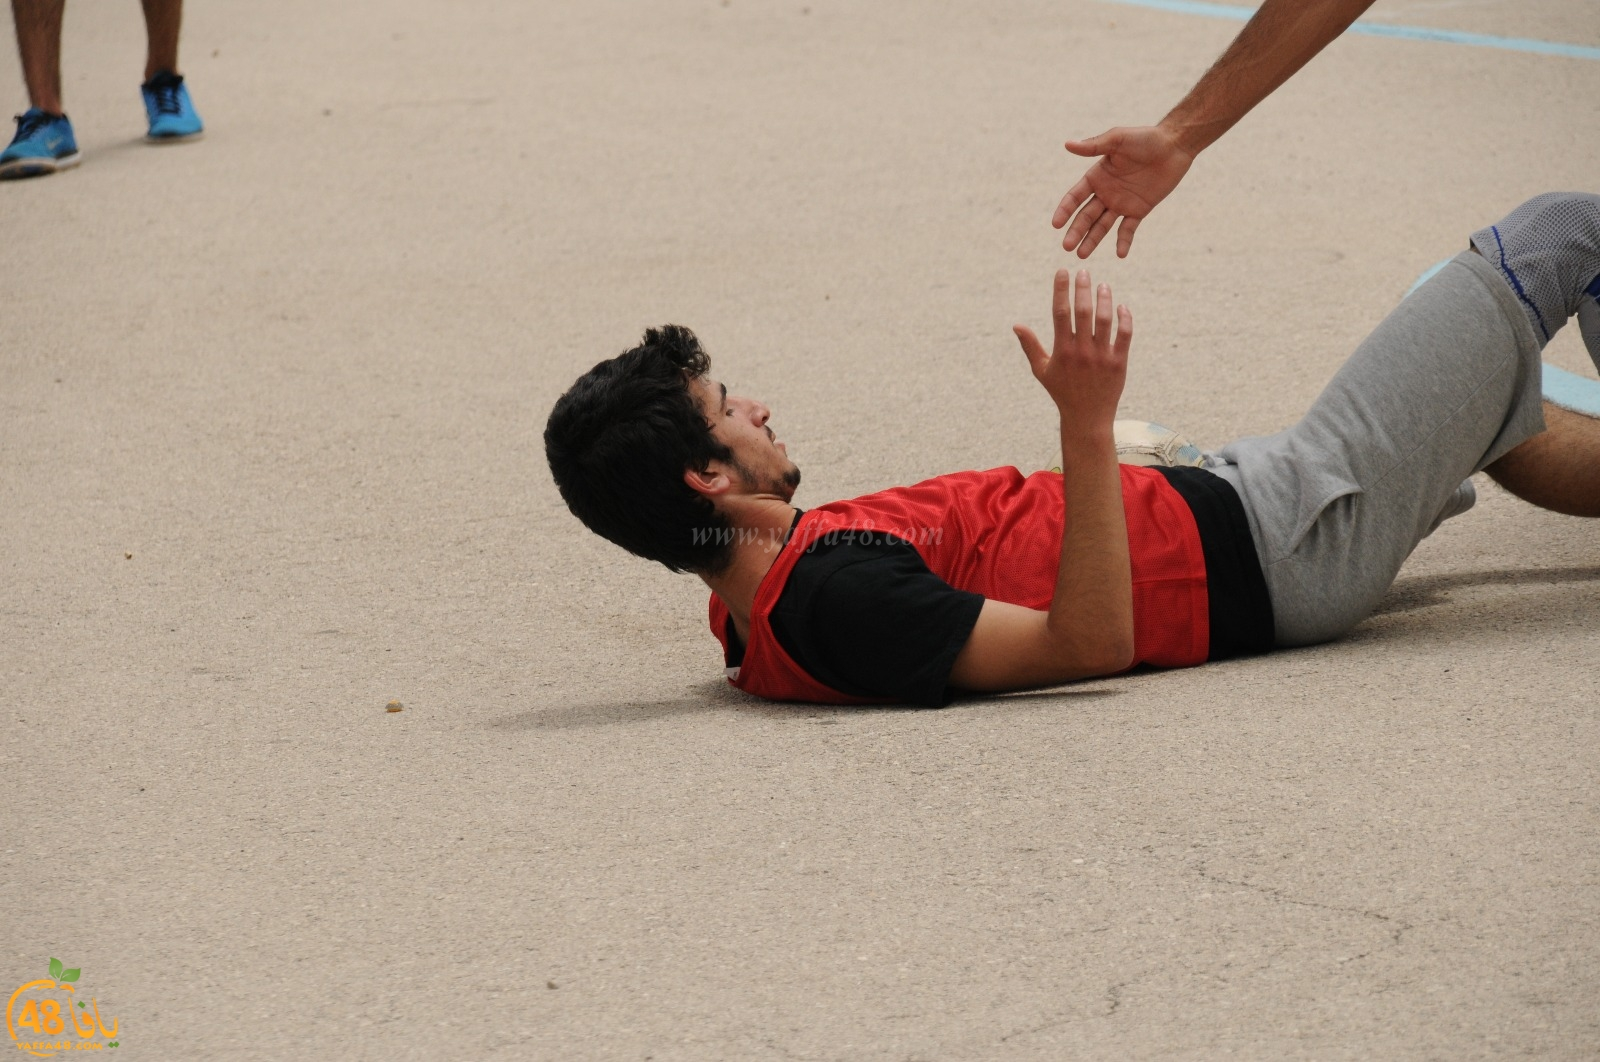 صور: مدرسة تيراسنطا الثانوية بيافا تُنظم ماراثوناً رياضياً